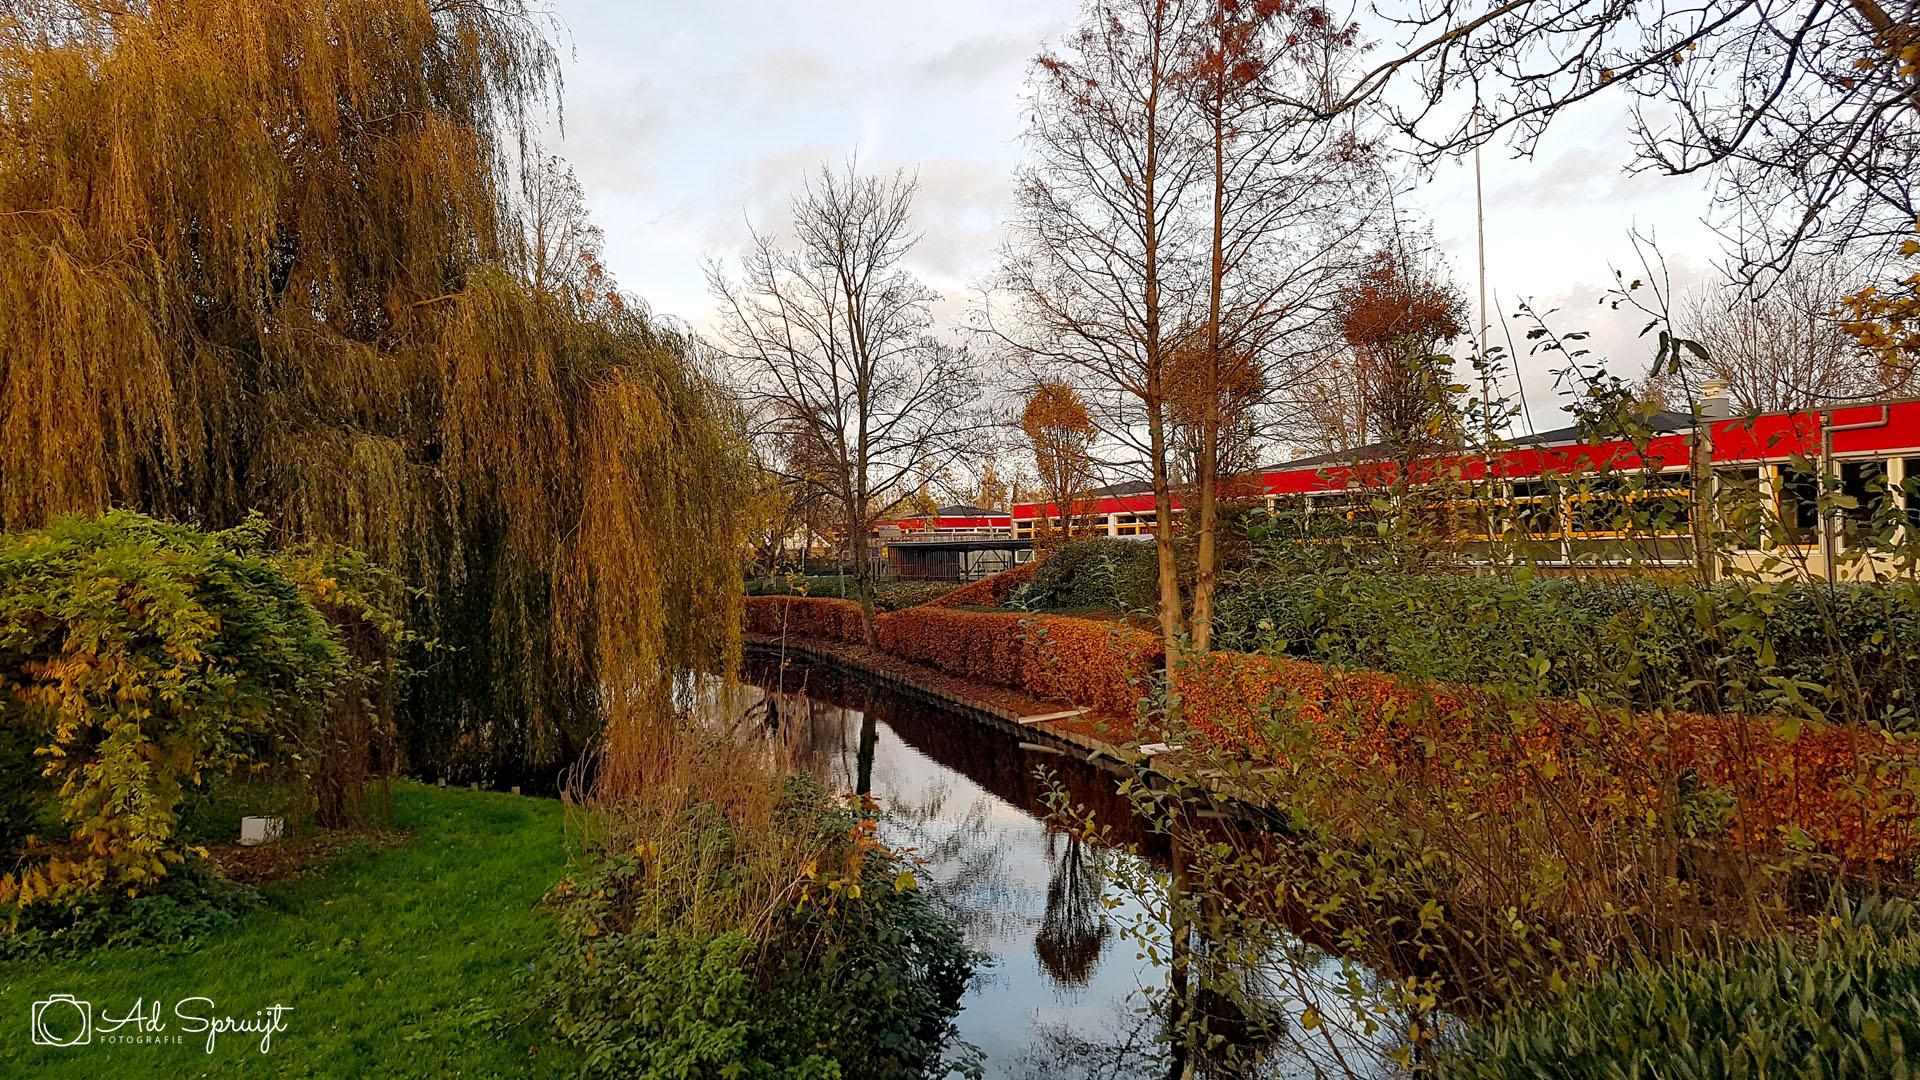 Lineausweg, Eben Haezerschool